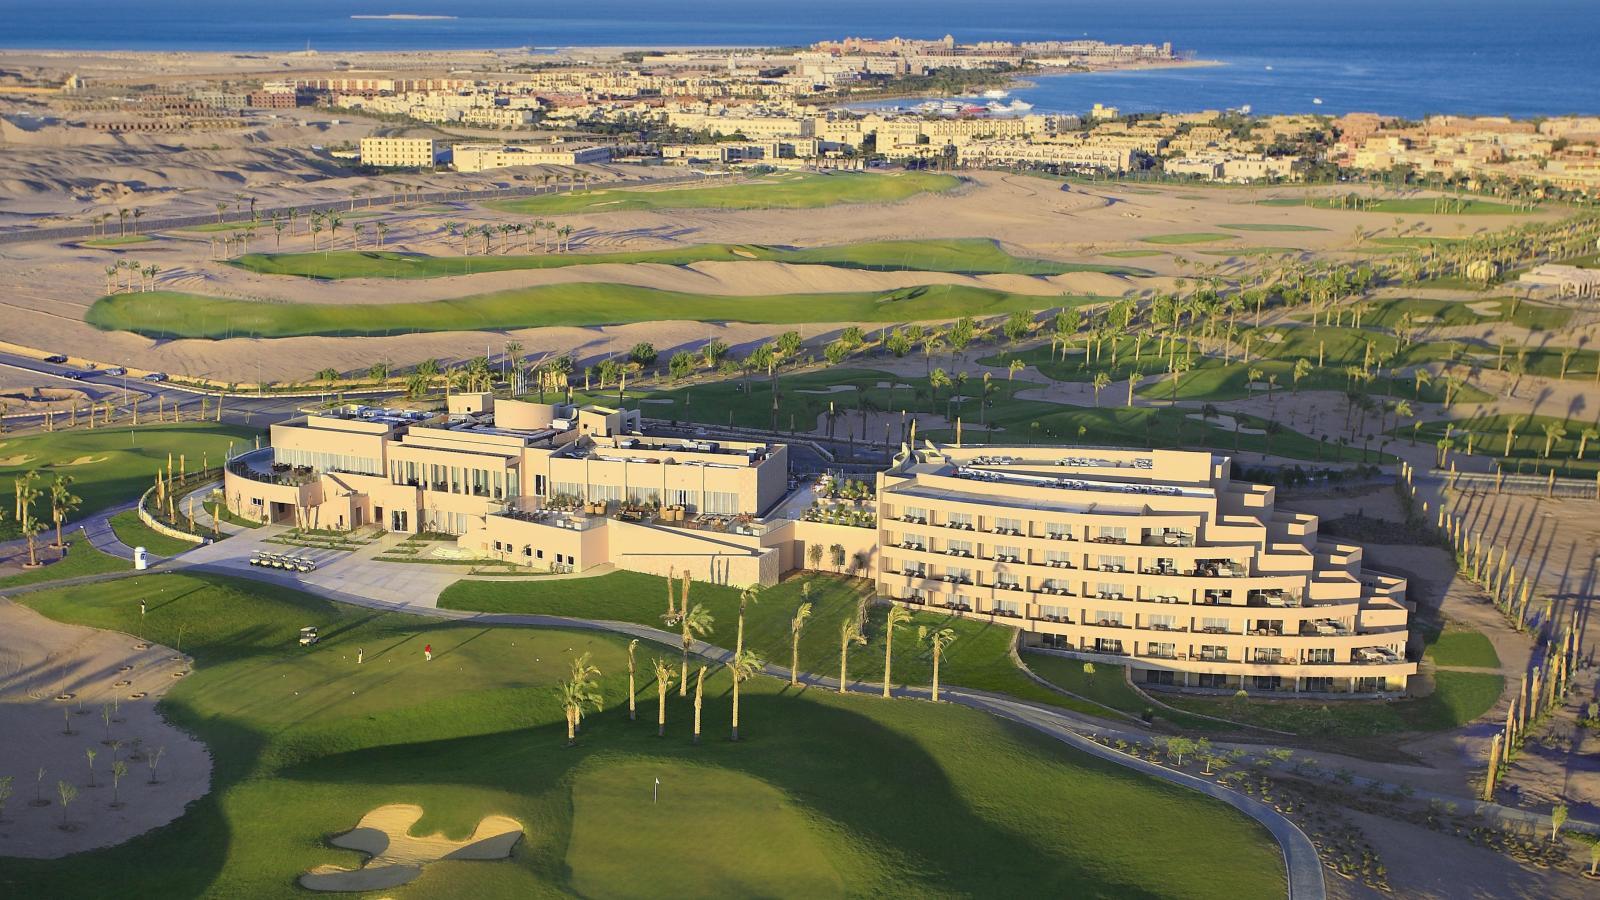 Madinat makadi golf resort book golf online golfscape - Golf cart rentals garden city sc ...